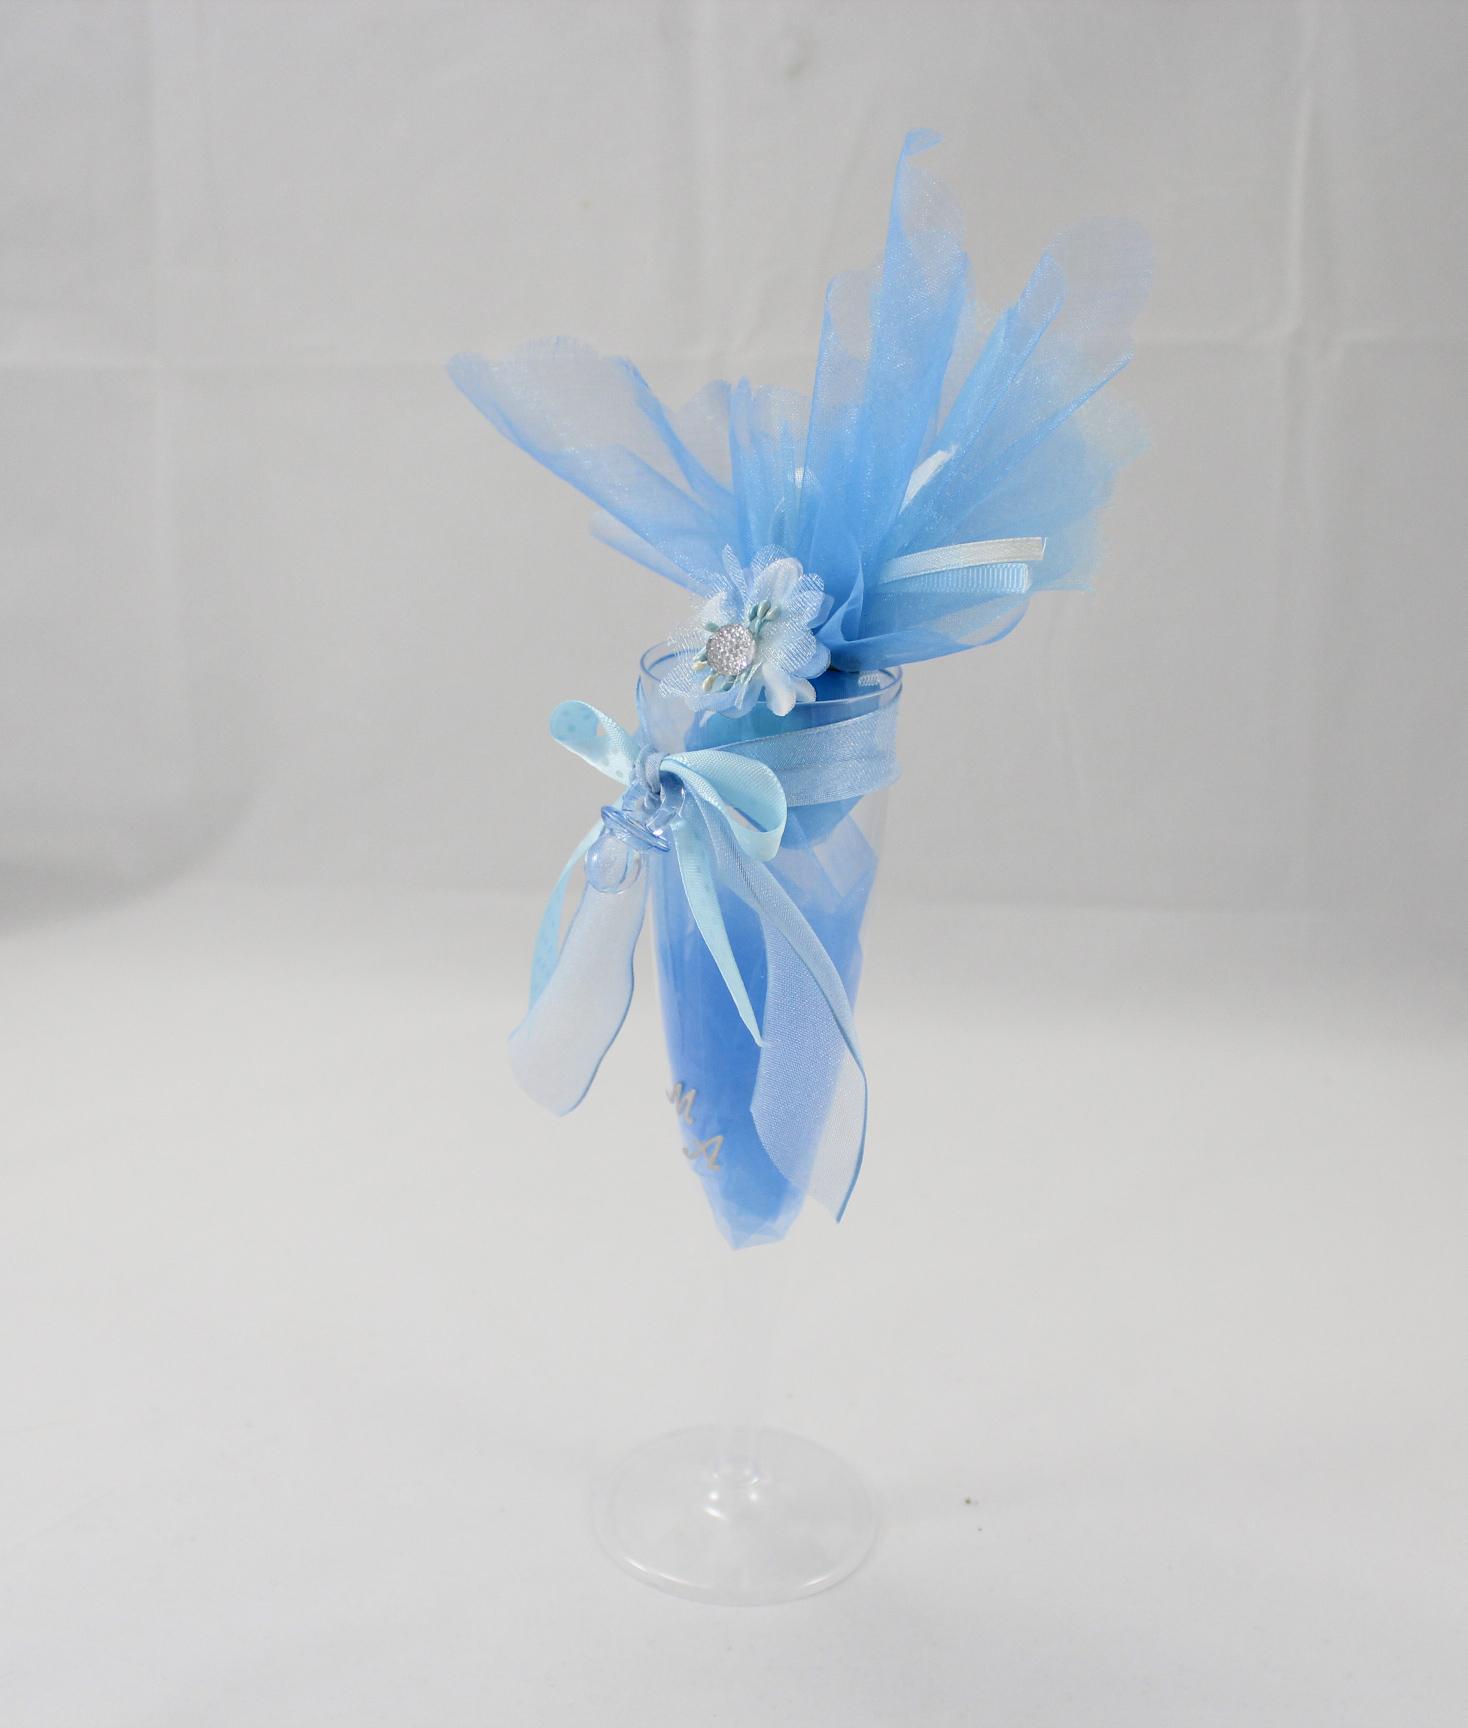 Segnaposto Matrimonio Azzurro : Segnaposto bicchiere bomboniera azzurro nonsolocerimonie